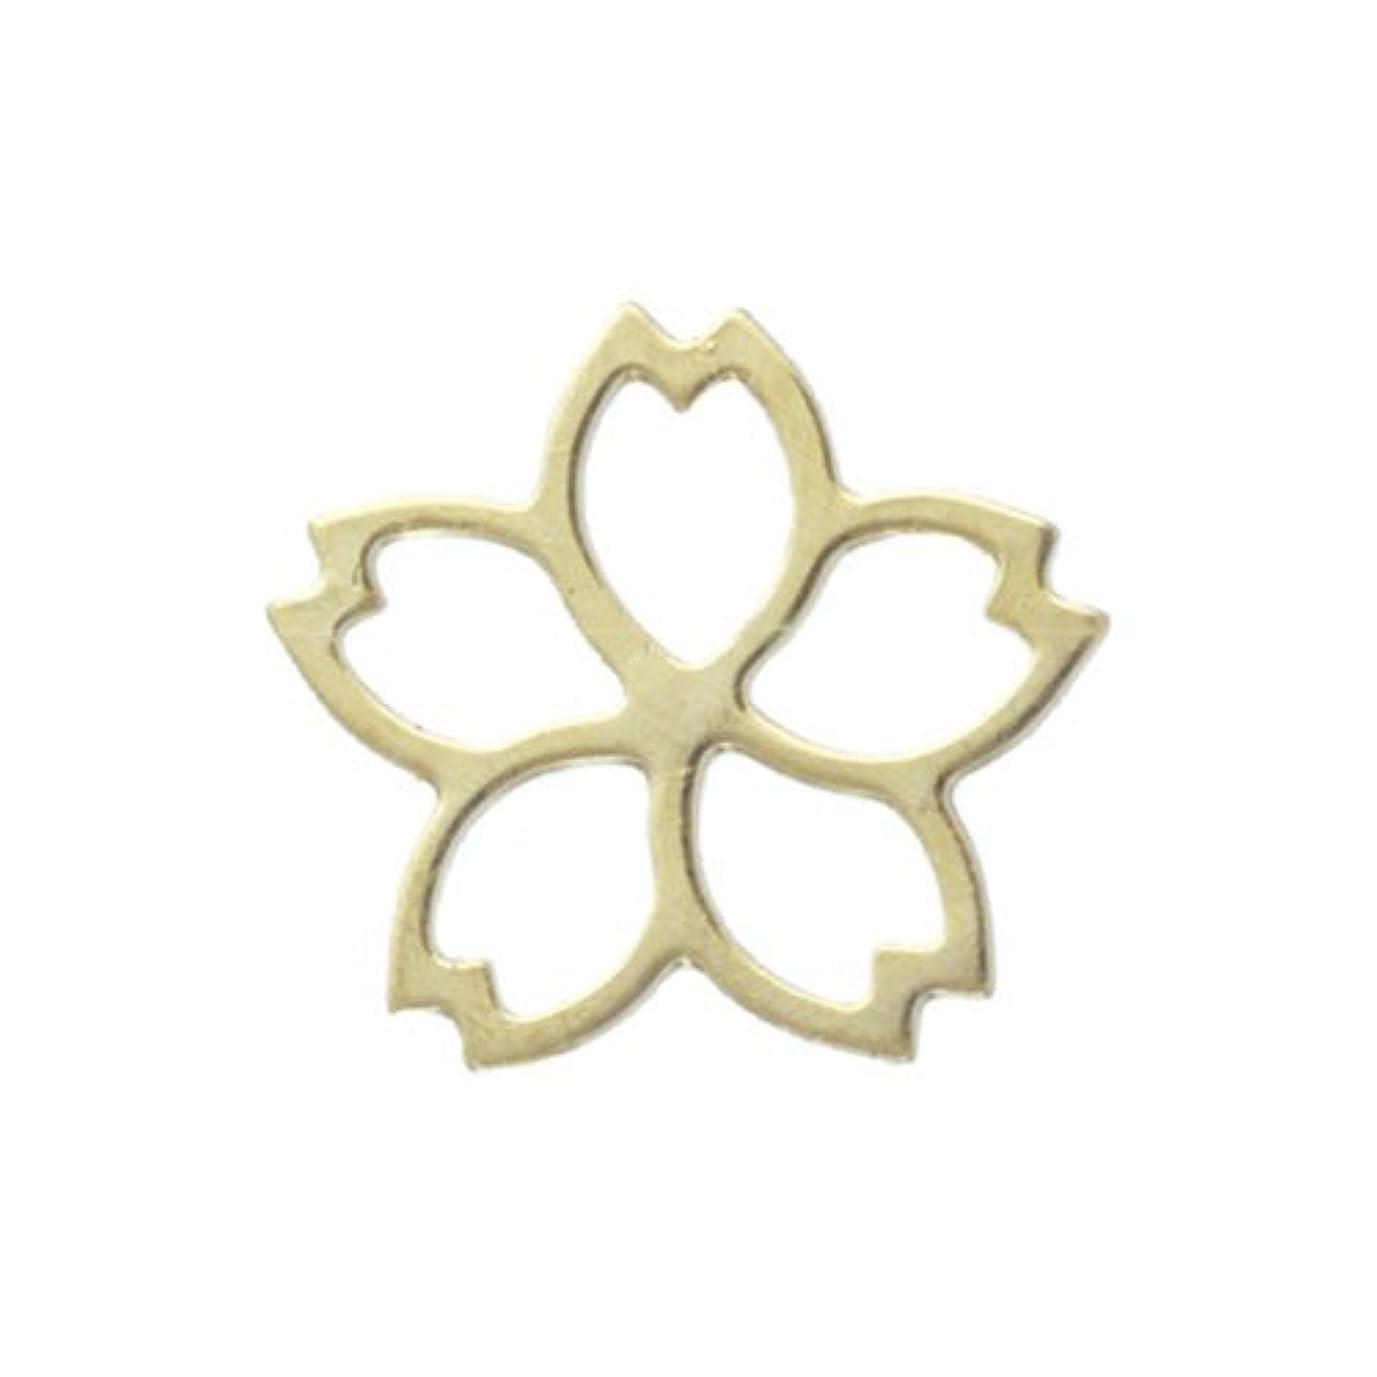 期限どんよりしたケーキリトルプリティー ネイルアートパーツ サクラ SS2 ゴールド 10個